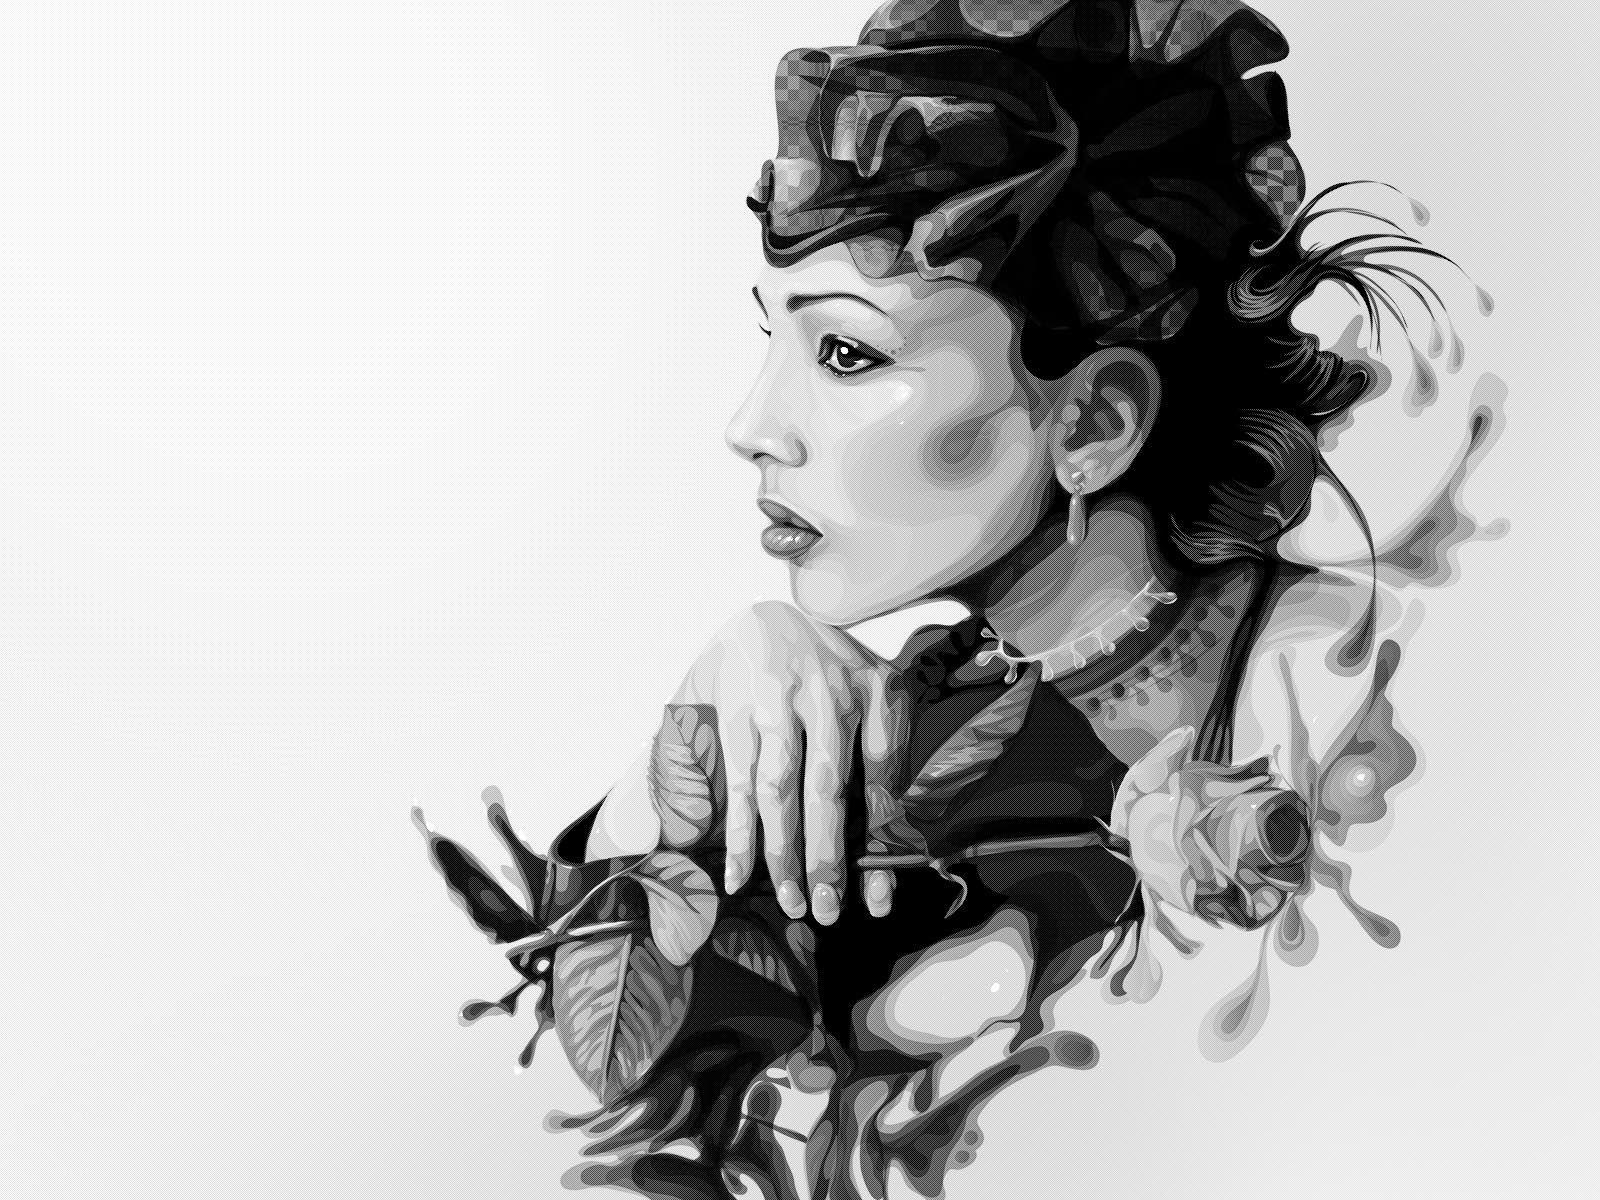 девушка рисунок профиль - Поиск в Google   Черно-белая ...